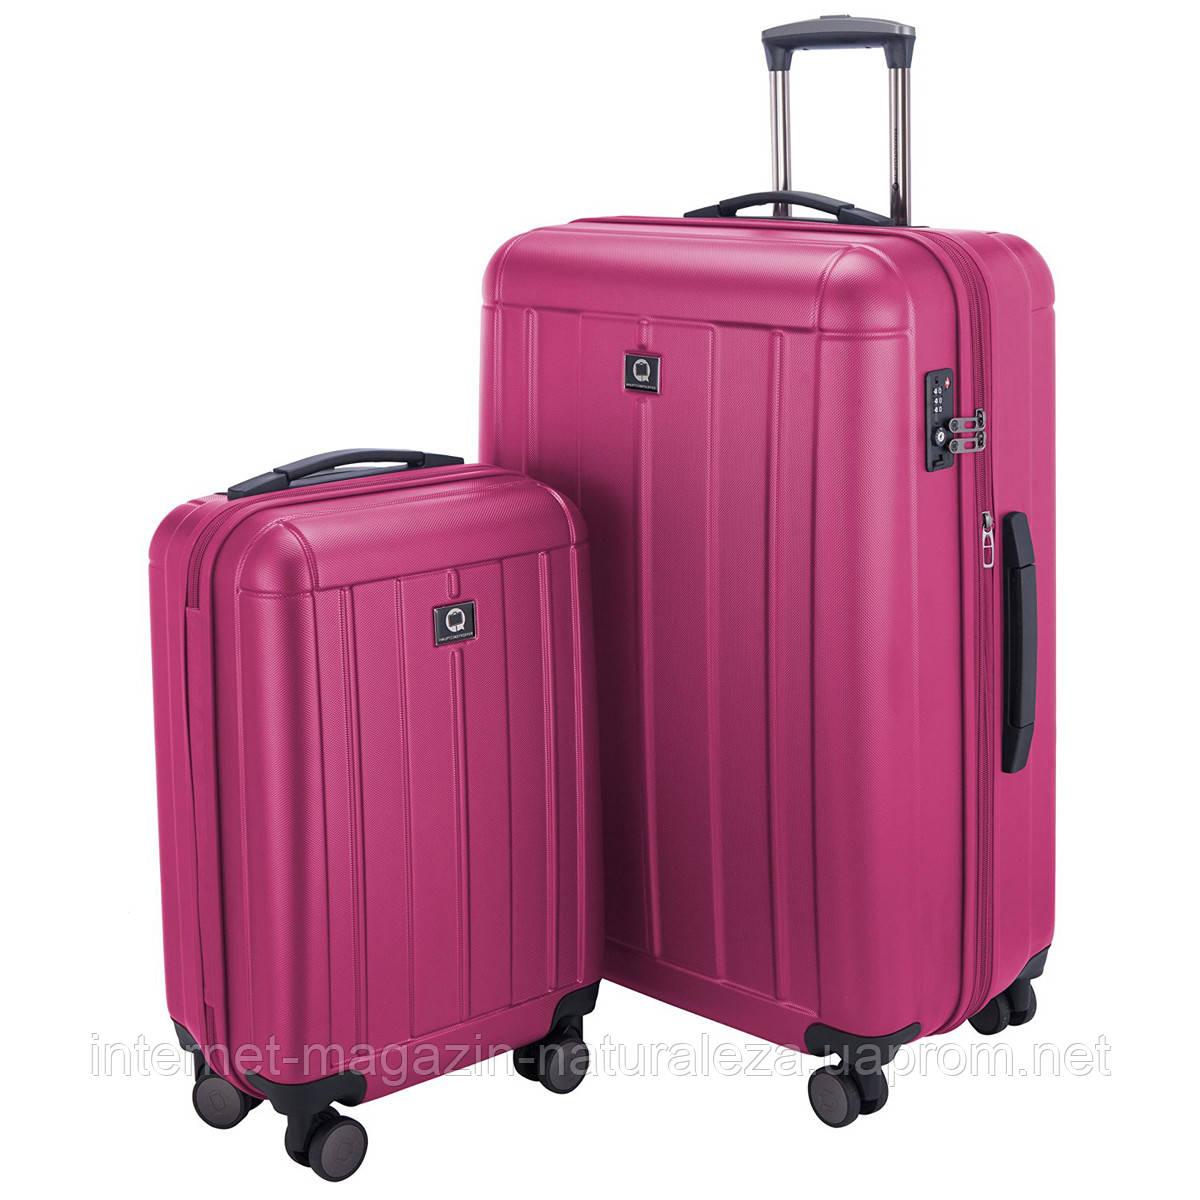 Набор чемоданов Hauptstadtkoffer Kotti розовый матовый